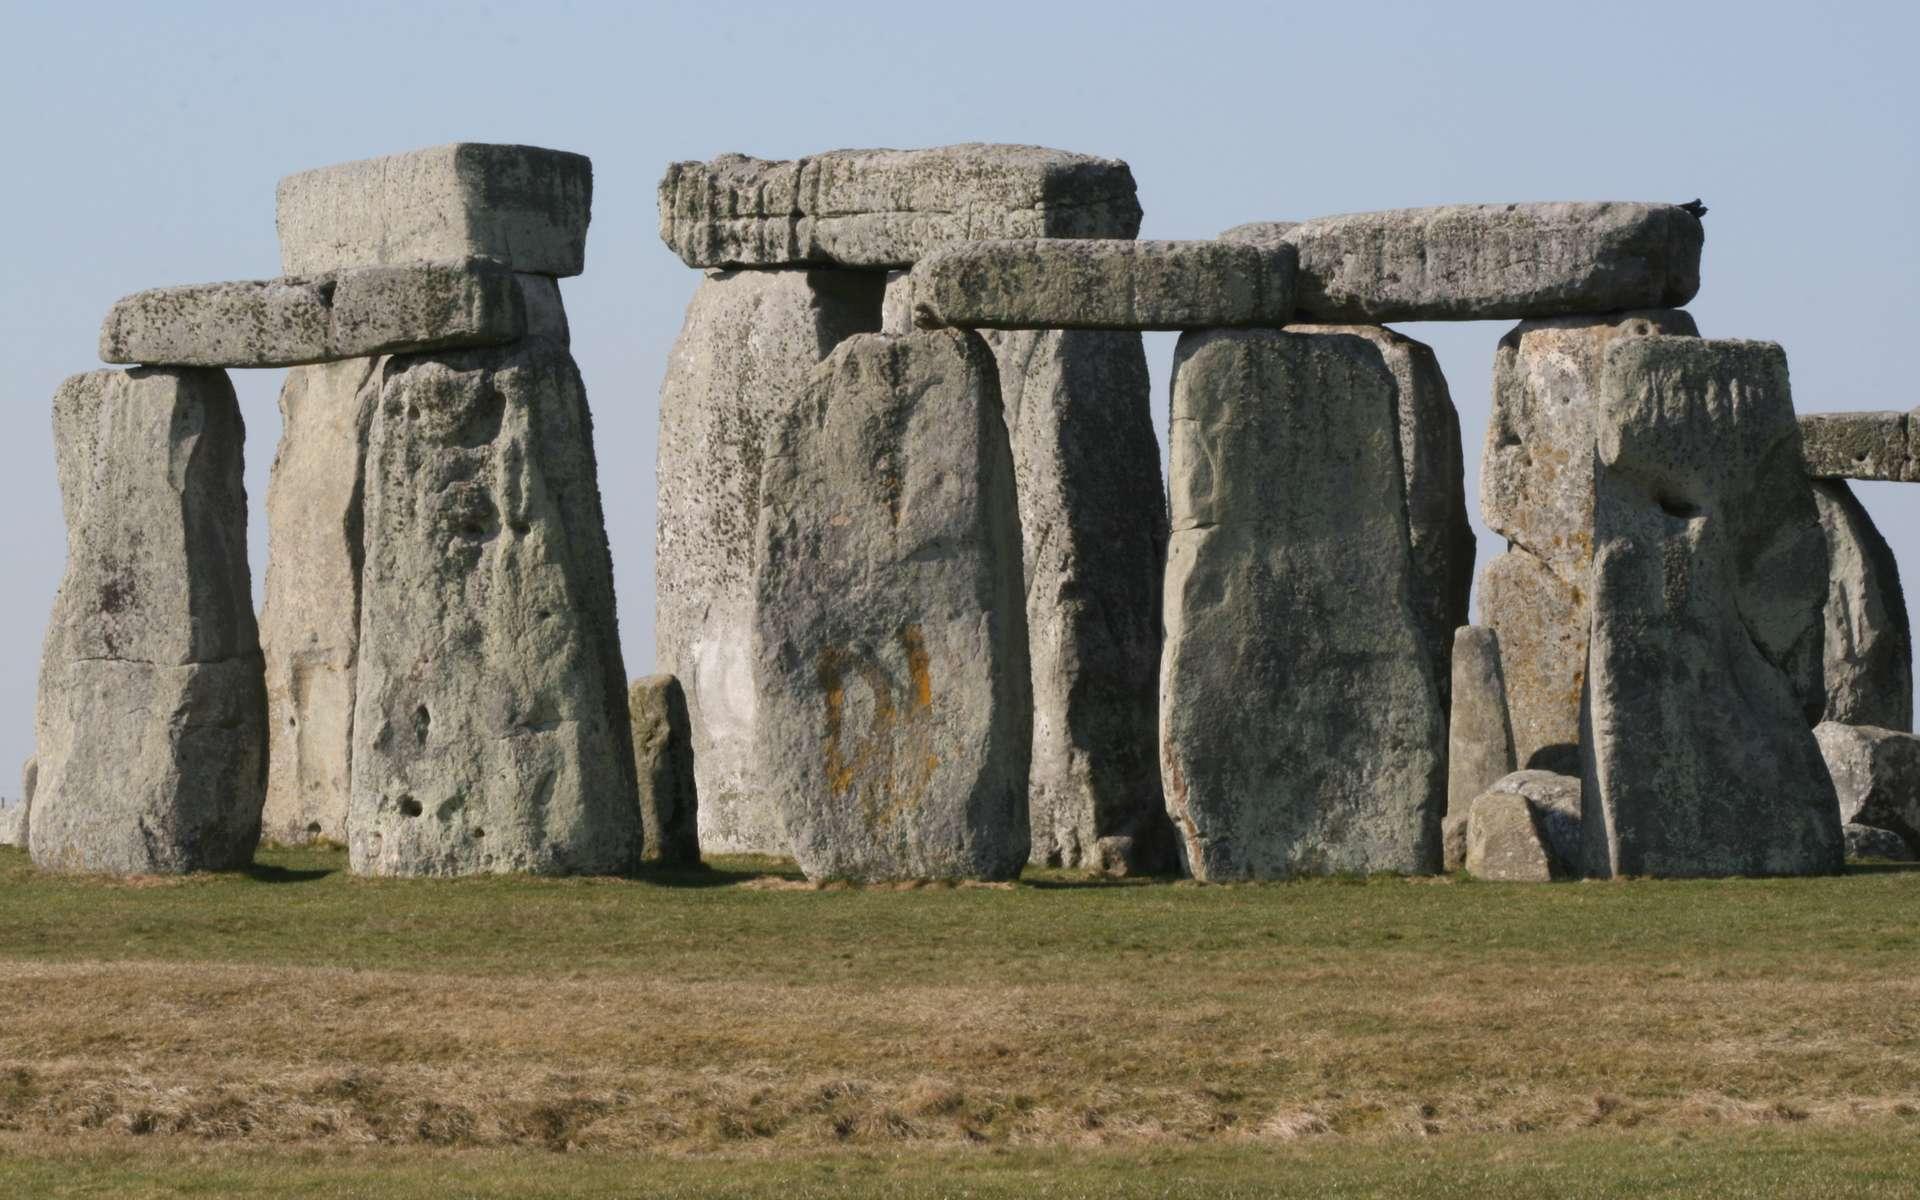 Les mégalithes de Stonehenge ont-ils été érigés à l'aide de graisse de porc ? © Peter Reed, Flickr